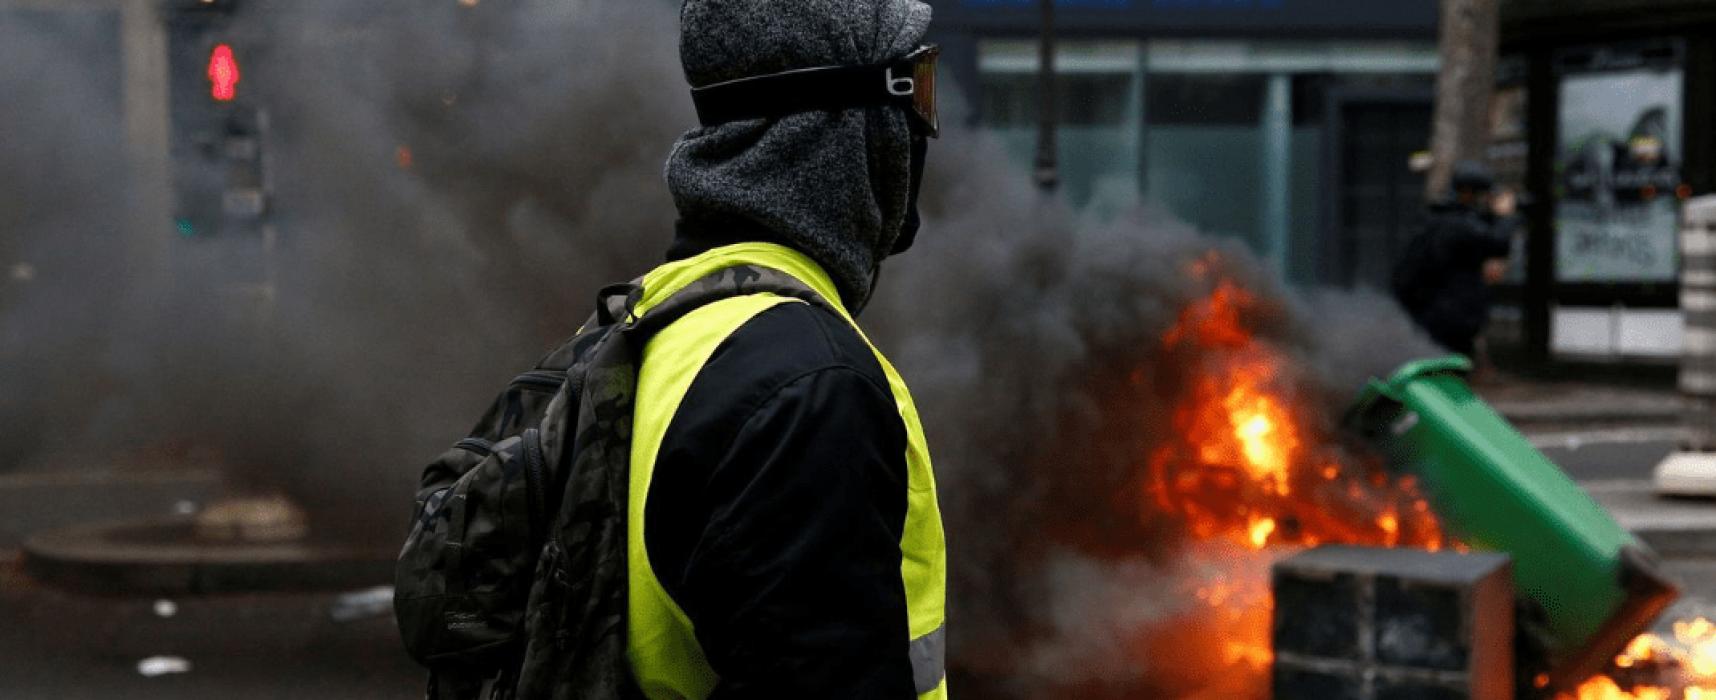 Protesty žlutých vest ve Francii a ruská propaganda